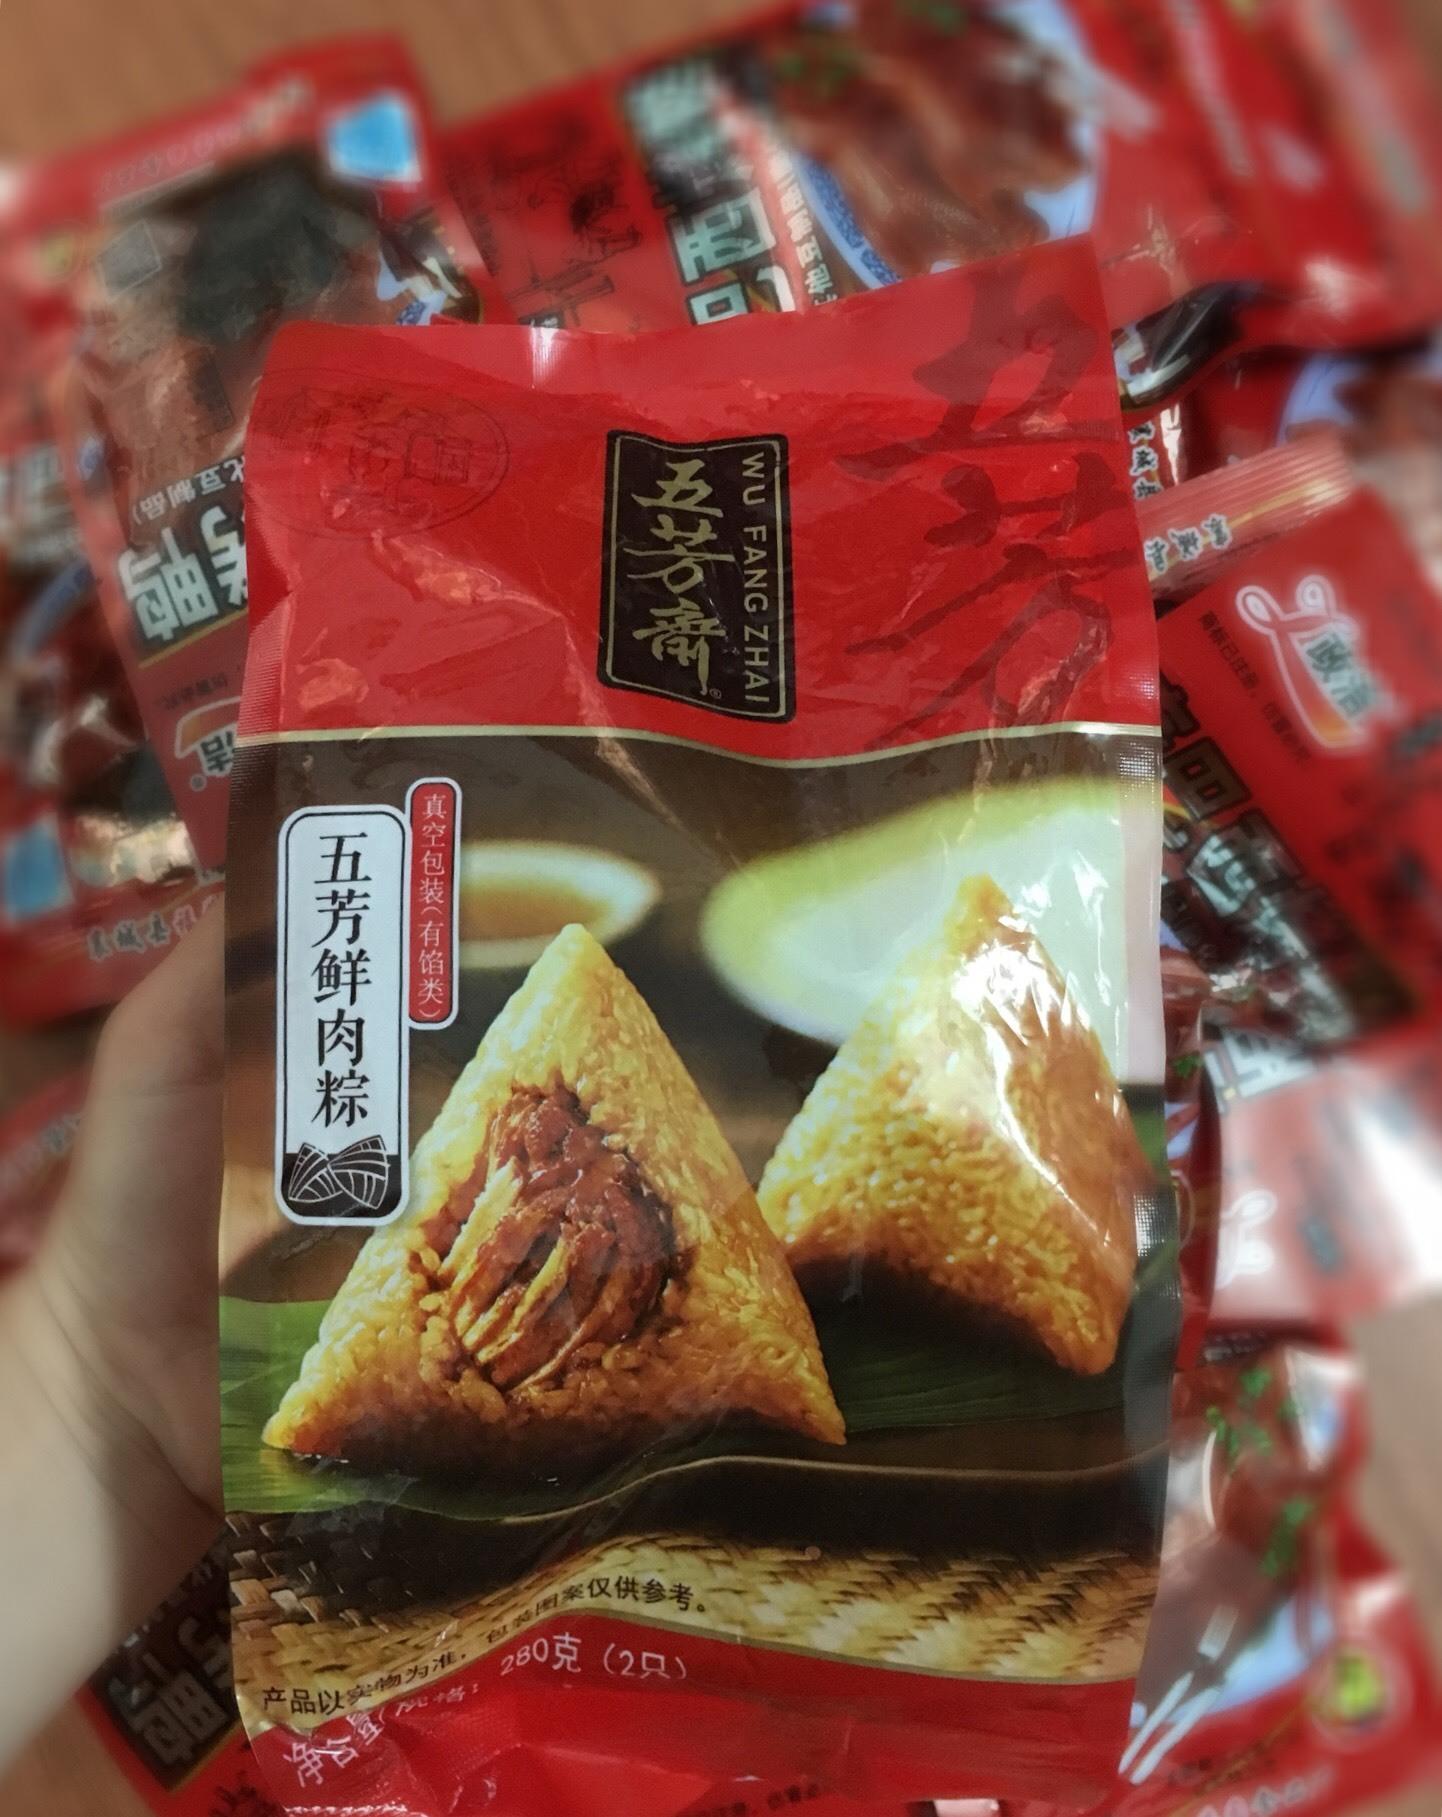 bánh chưng,hàng Trung Quốc,hàng Tàu